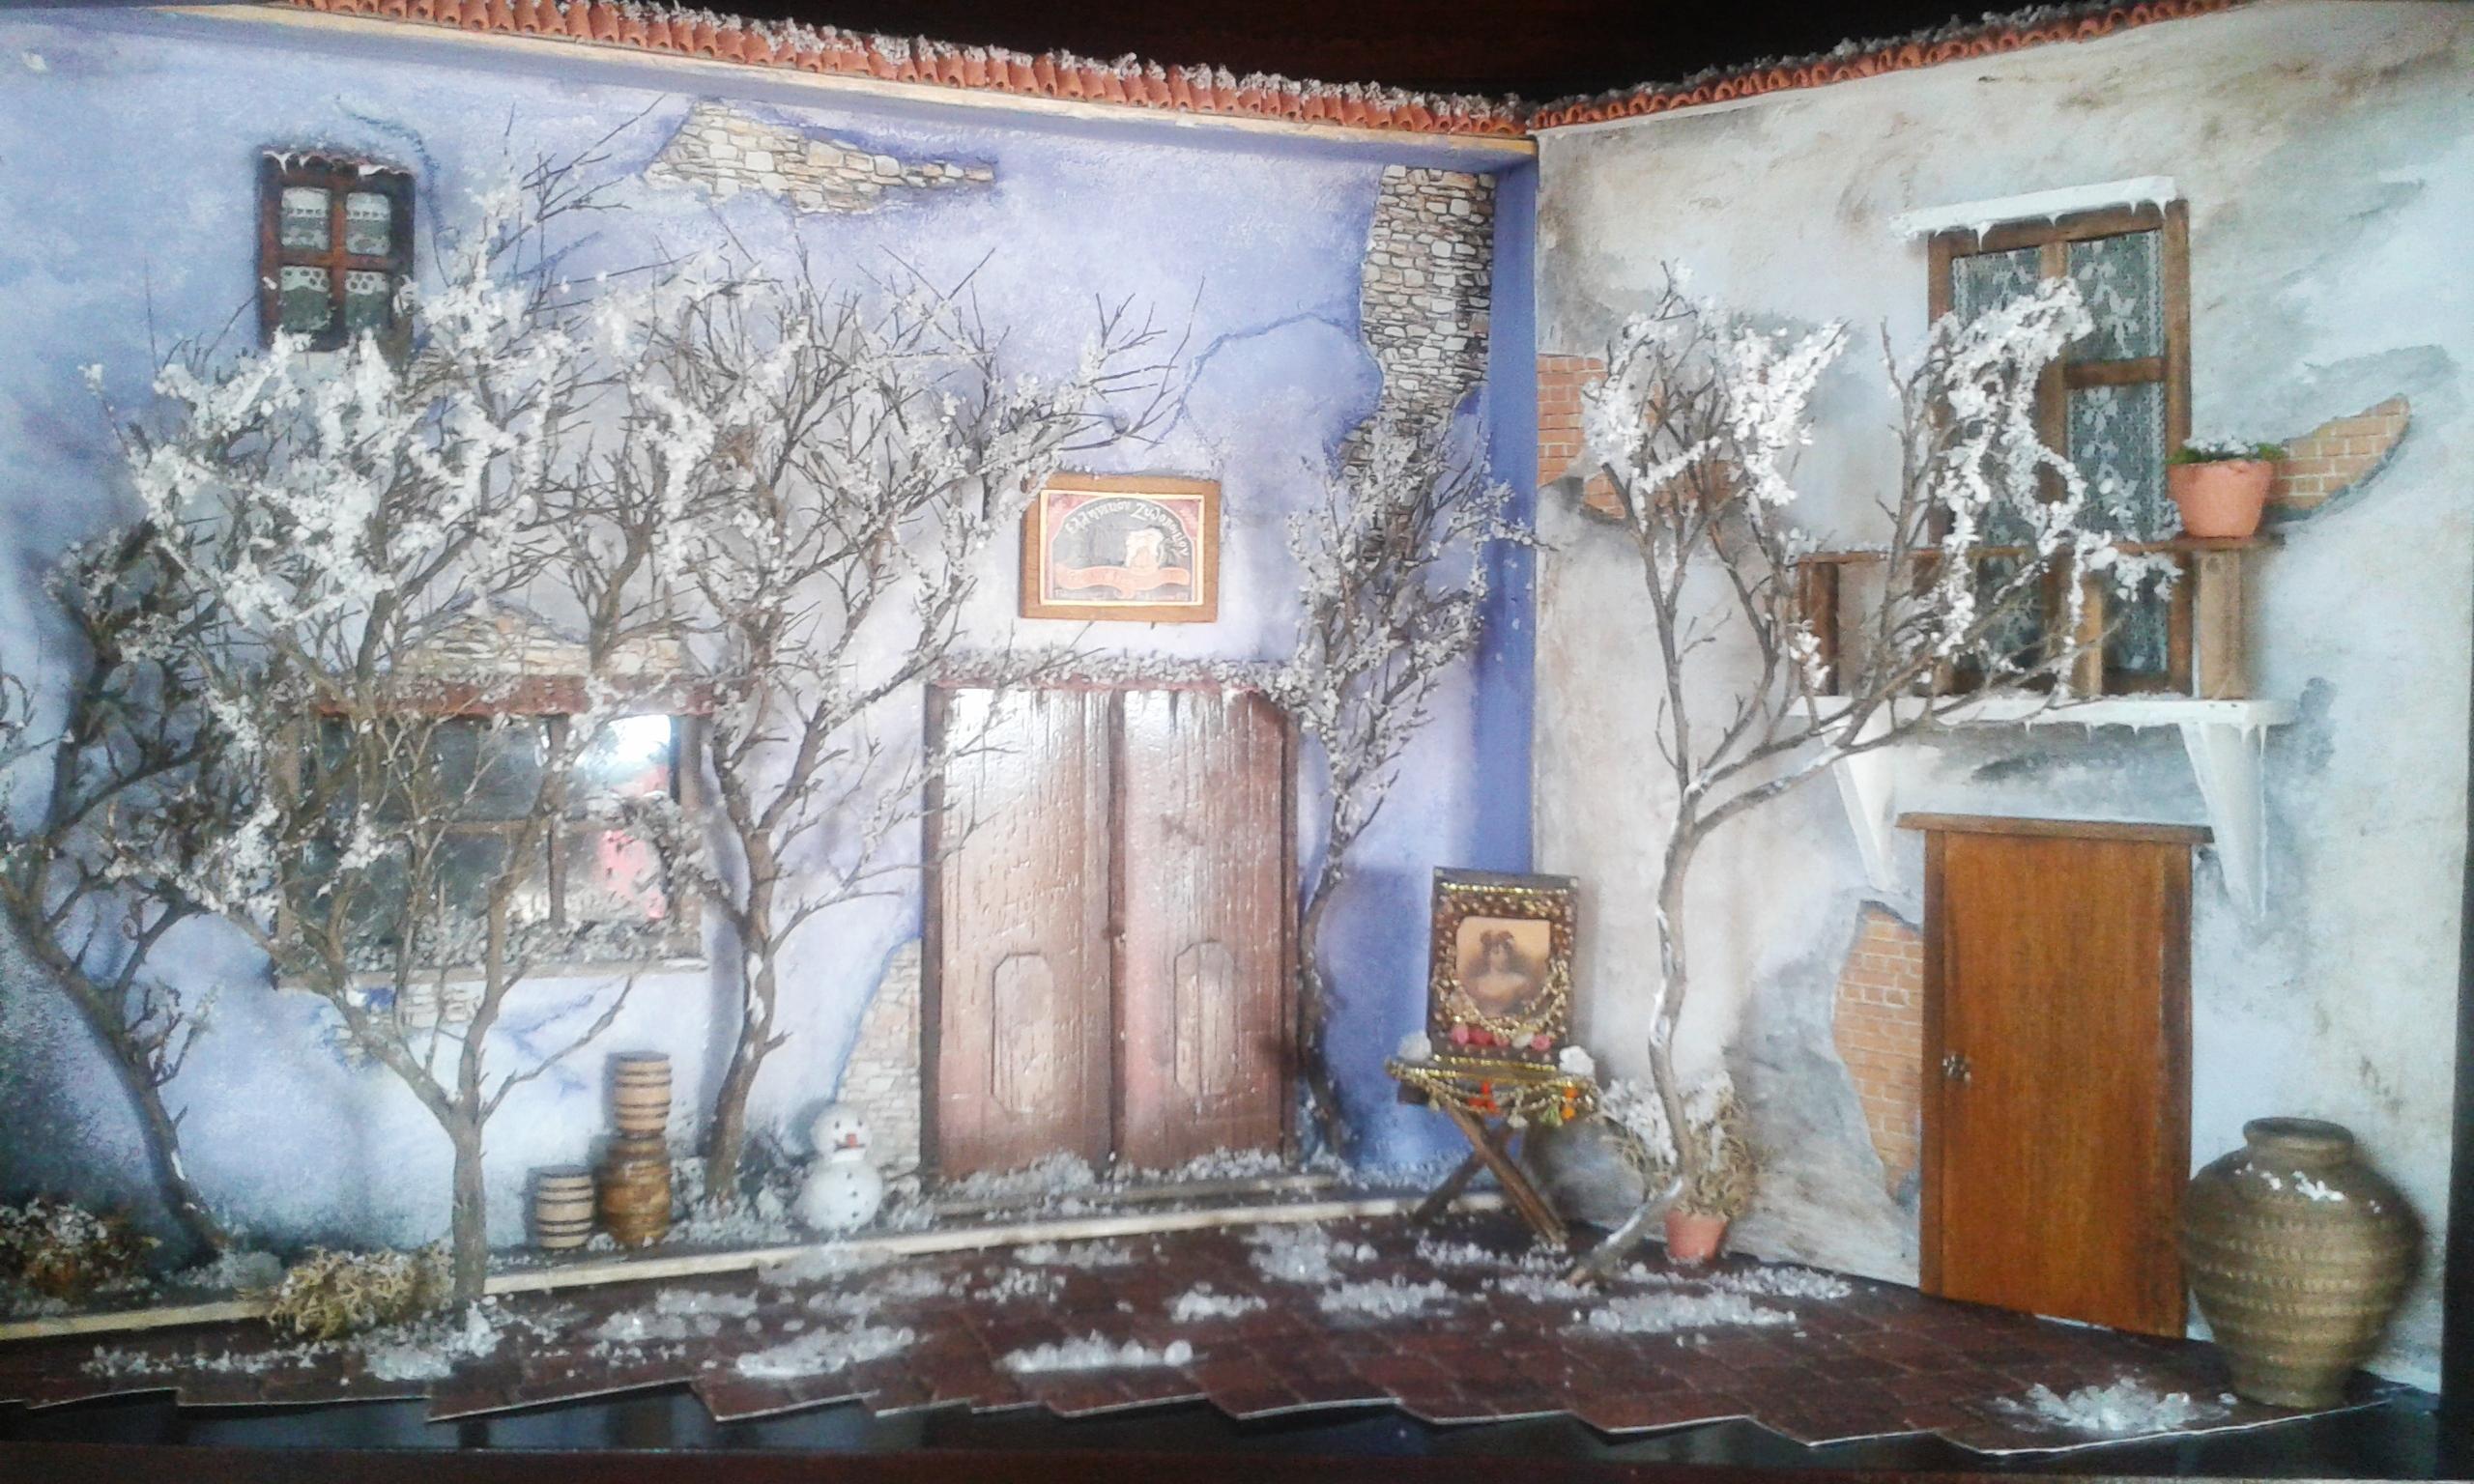 Θεσσαλονίκη: Έργα τέχνης με τα πιο παράξενα υλικά! Η δημιουργός αποκαλύπτει τα μυστικά της (Φωτό)